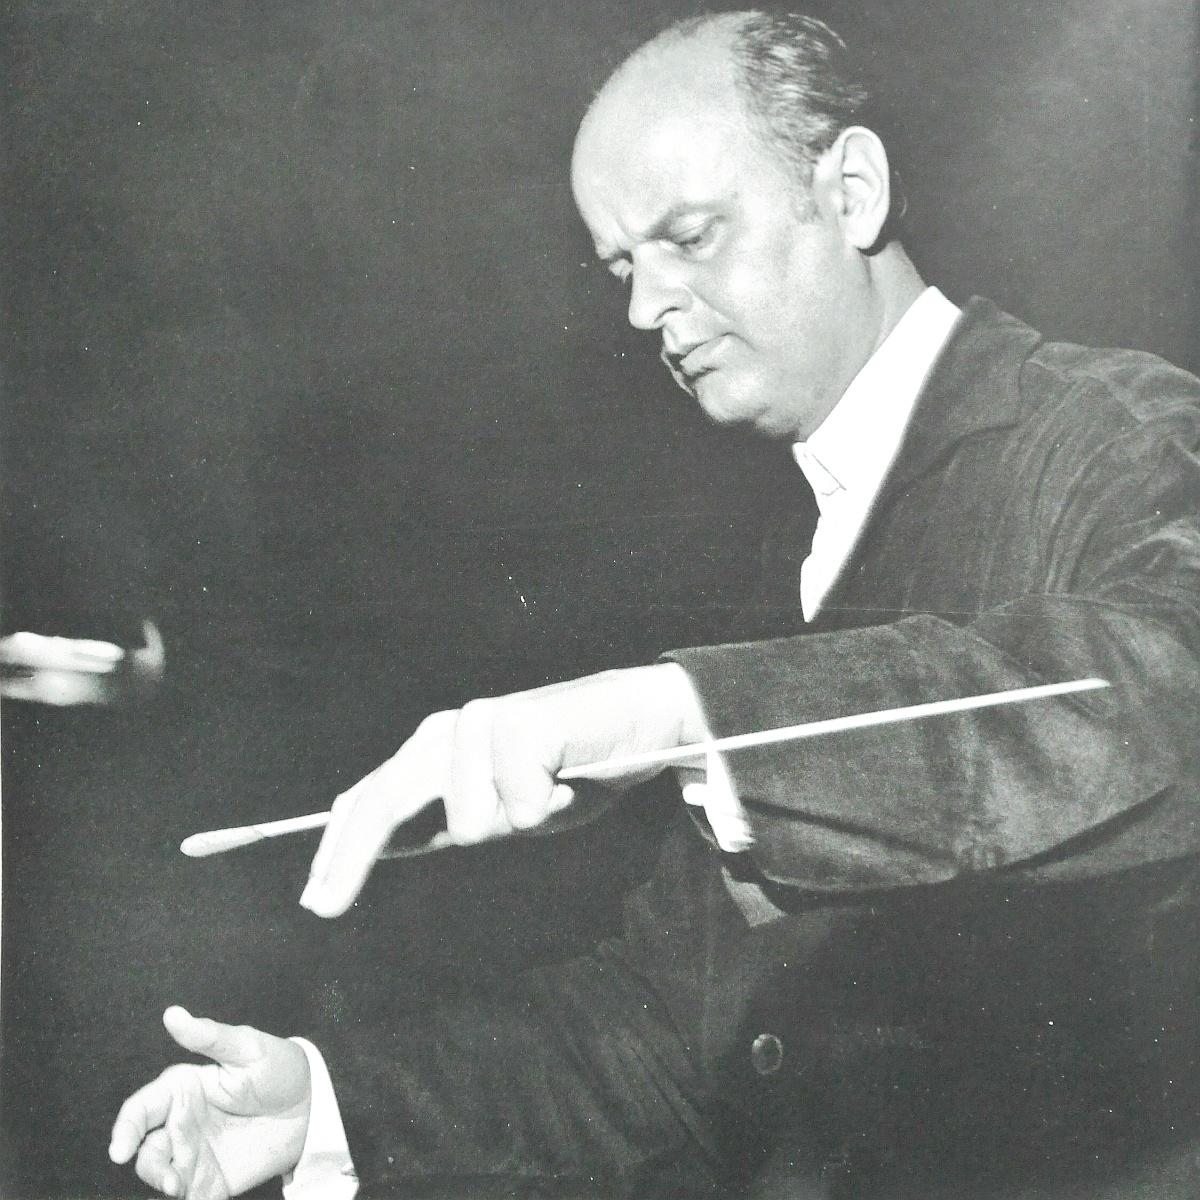 Ferenc FRICSAY, photo de presse DGG parue entre autres sur la pochette DGG LPM 18 580-82